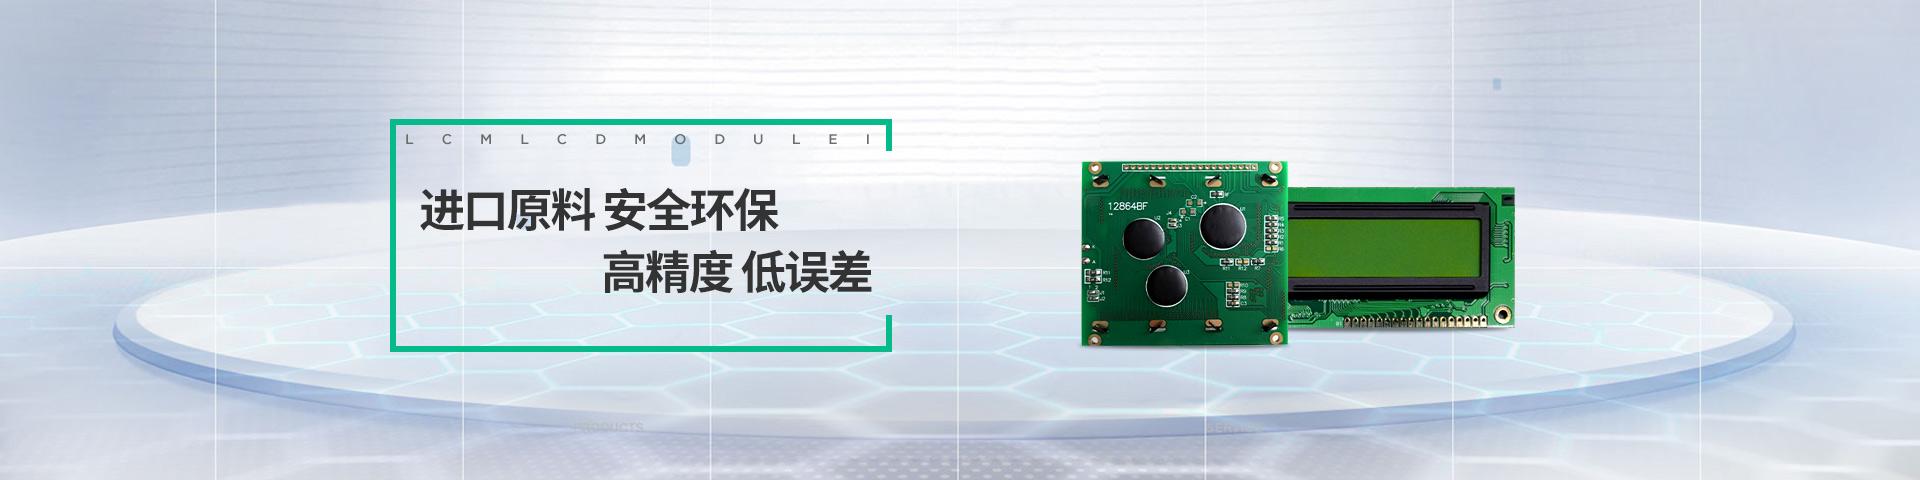 联环遒光电-LCM液晶模组